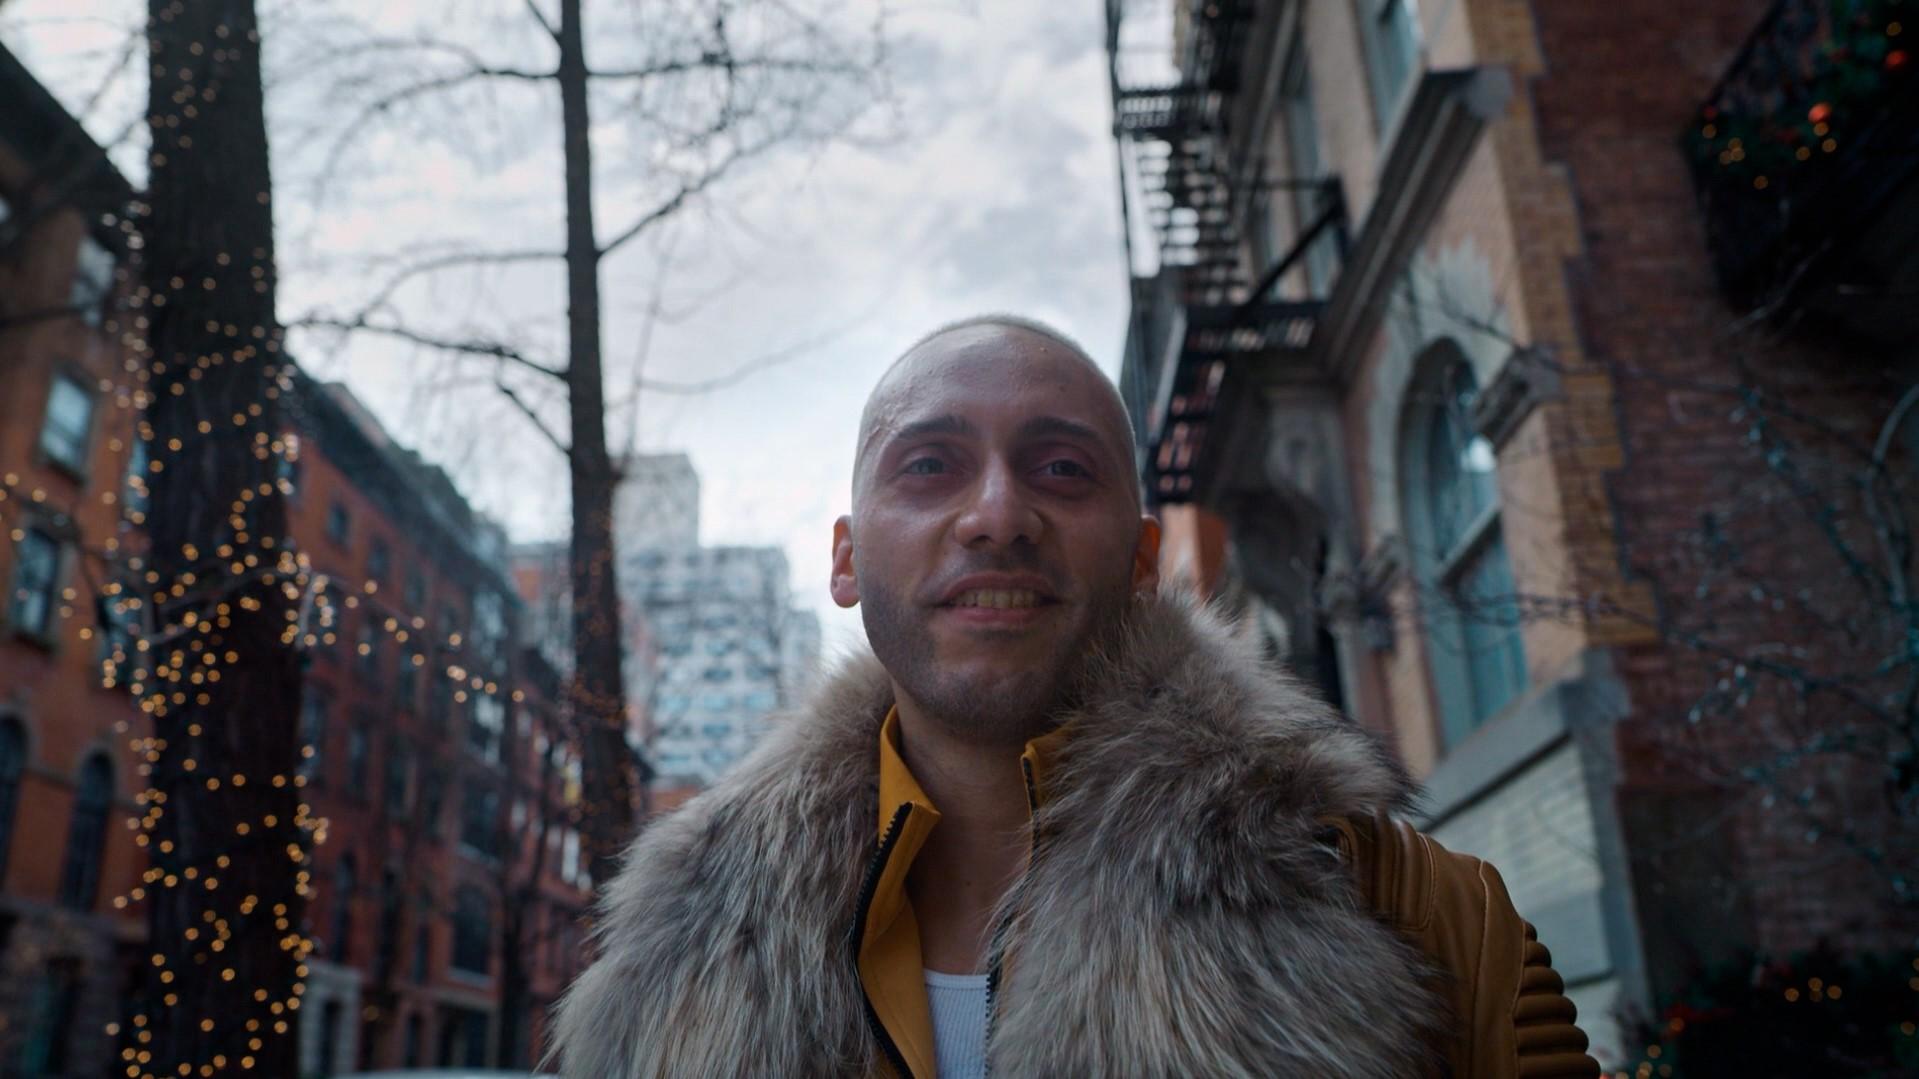 Fernando Vera de casaco amarelo encarando a câmera